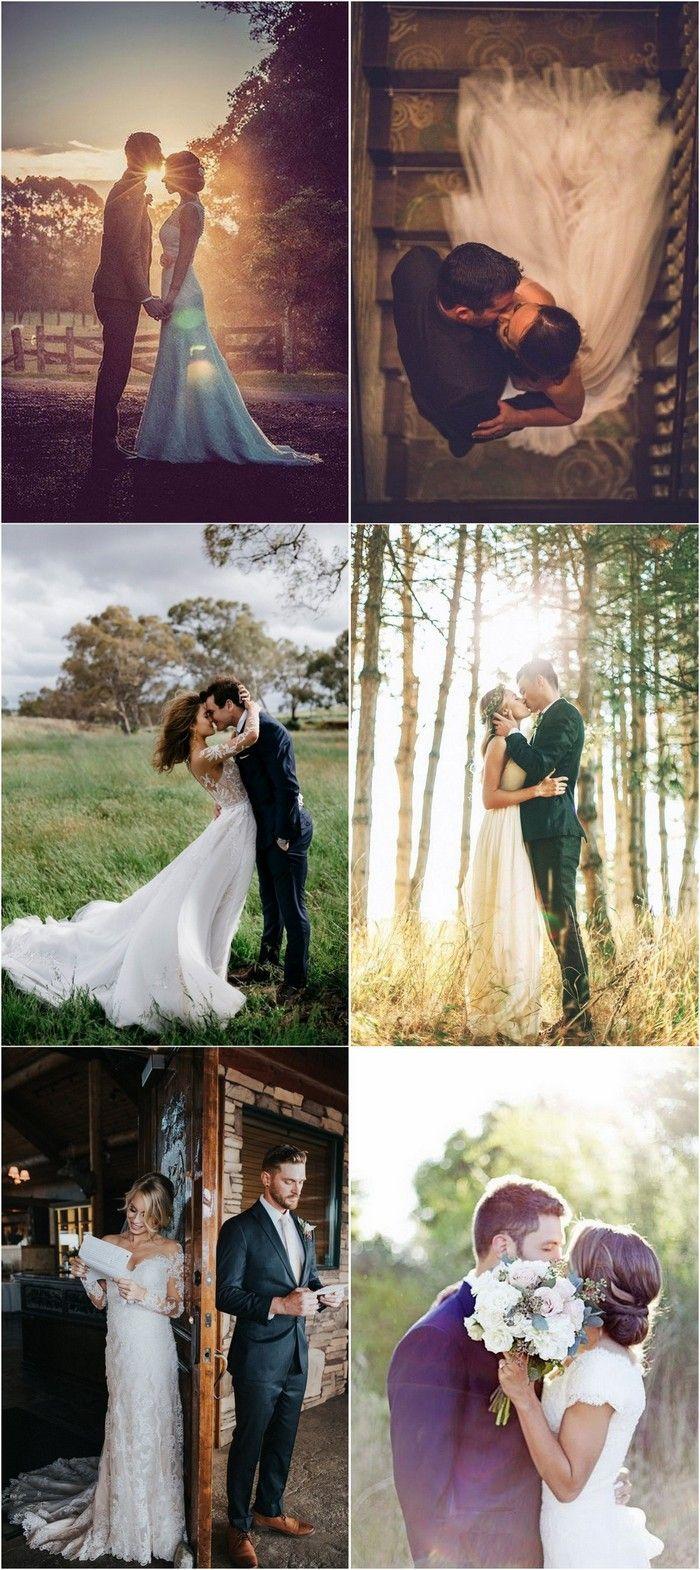 Braut und Bräutigam Hochzeit Foto Ideen #weddingphotos #weddingideas #braut #br…